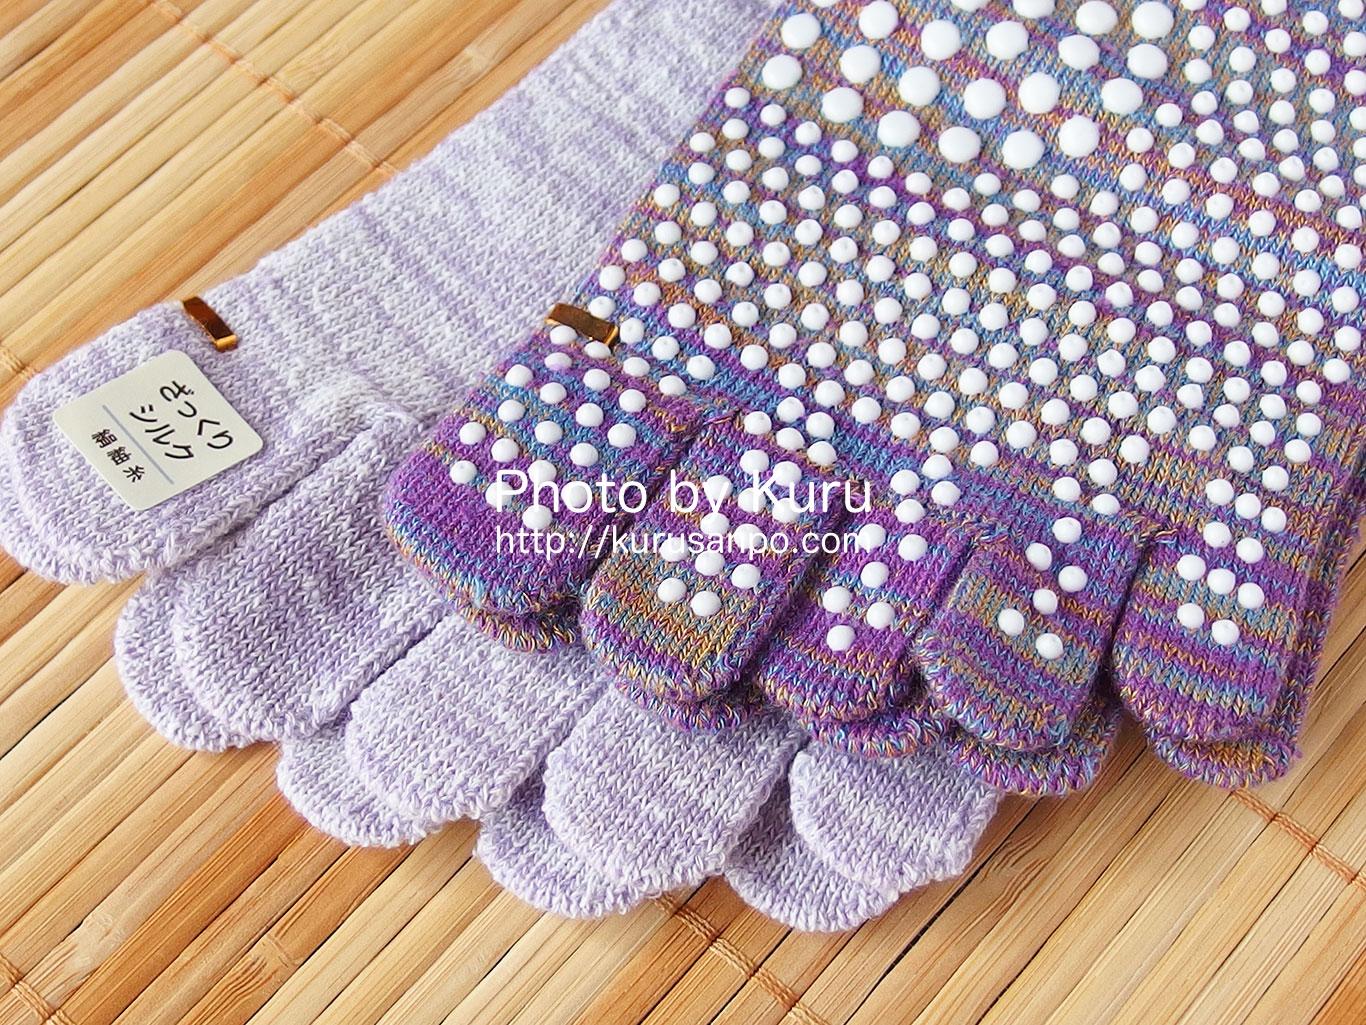 メイド イン ジャパンの靴下!Tabio(タビオ)の5本指ソックスをもらったよ♪